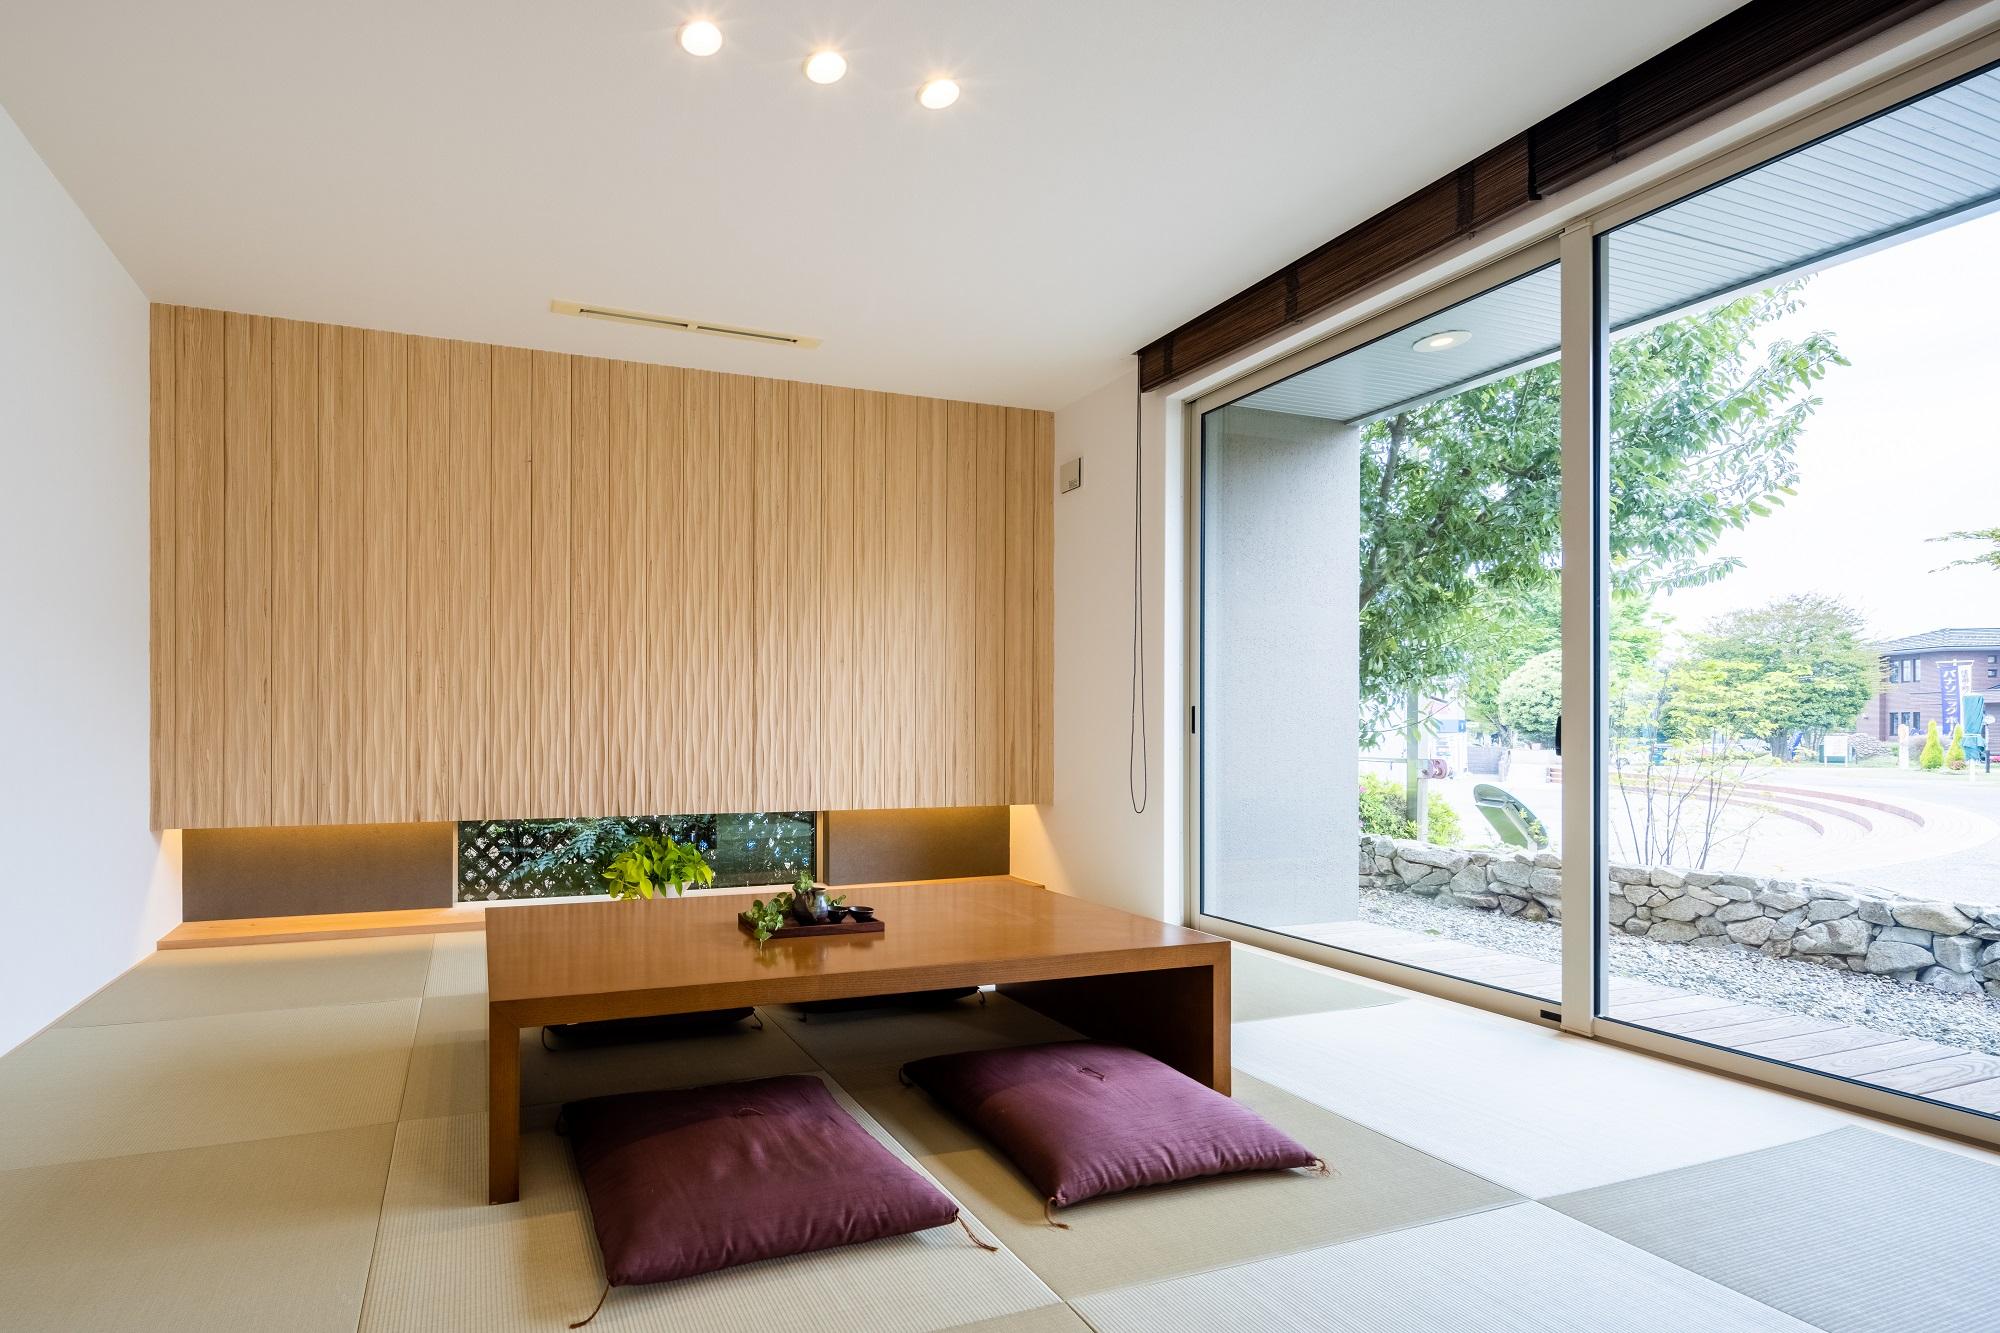 リビングから繫がる和室は、心落ち着く安らぎの空間。杉の天然木を用いた壁がポイントです。日々の暮らしの中で、自然素材ならではの変化を楽しむことができます。